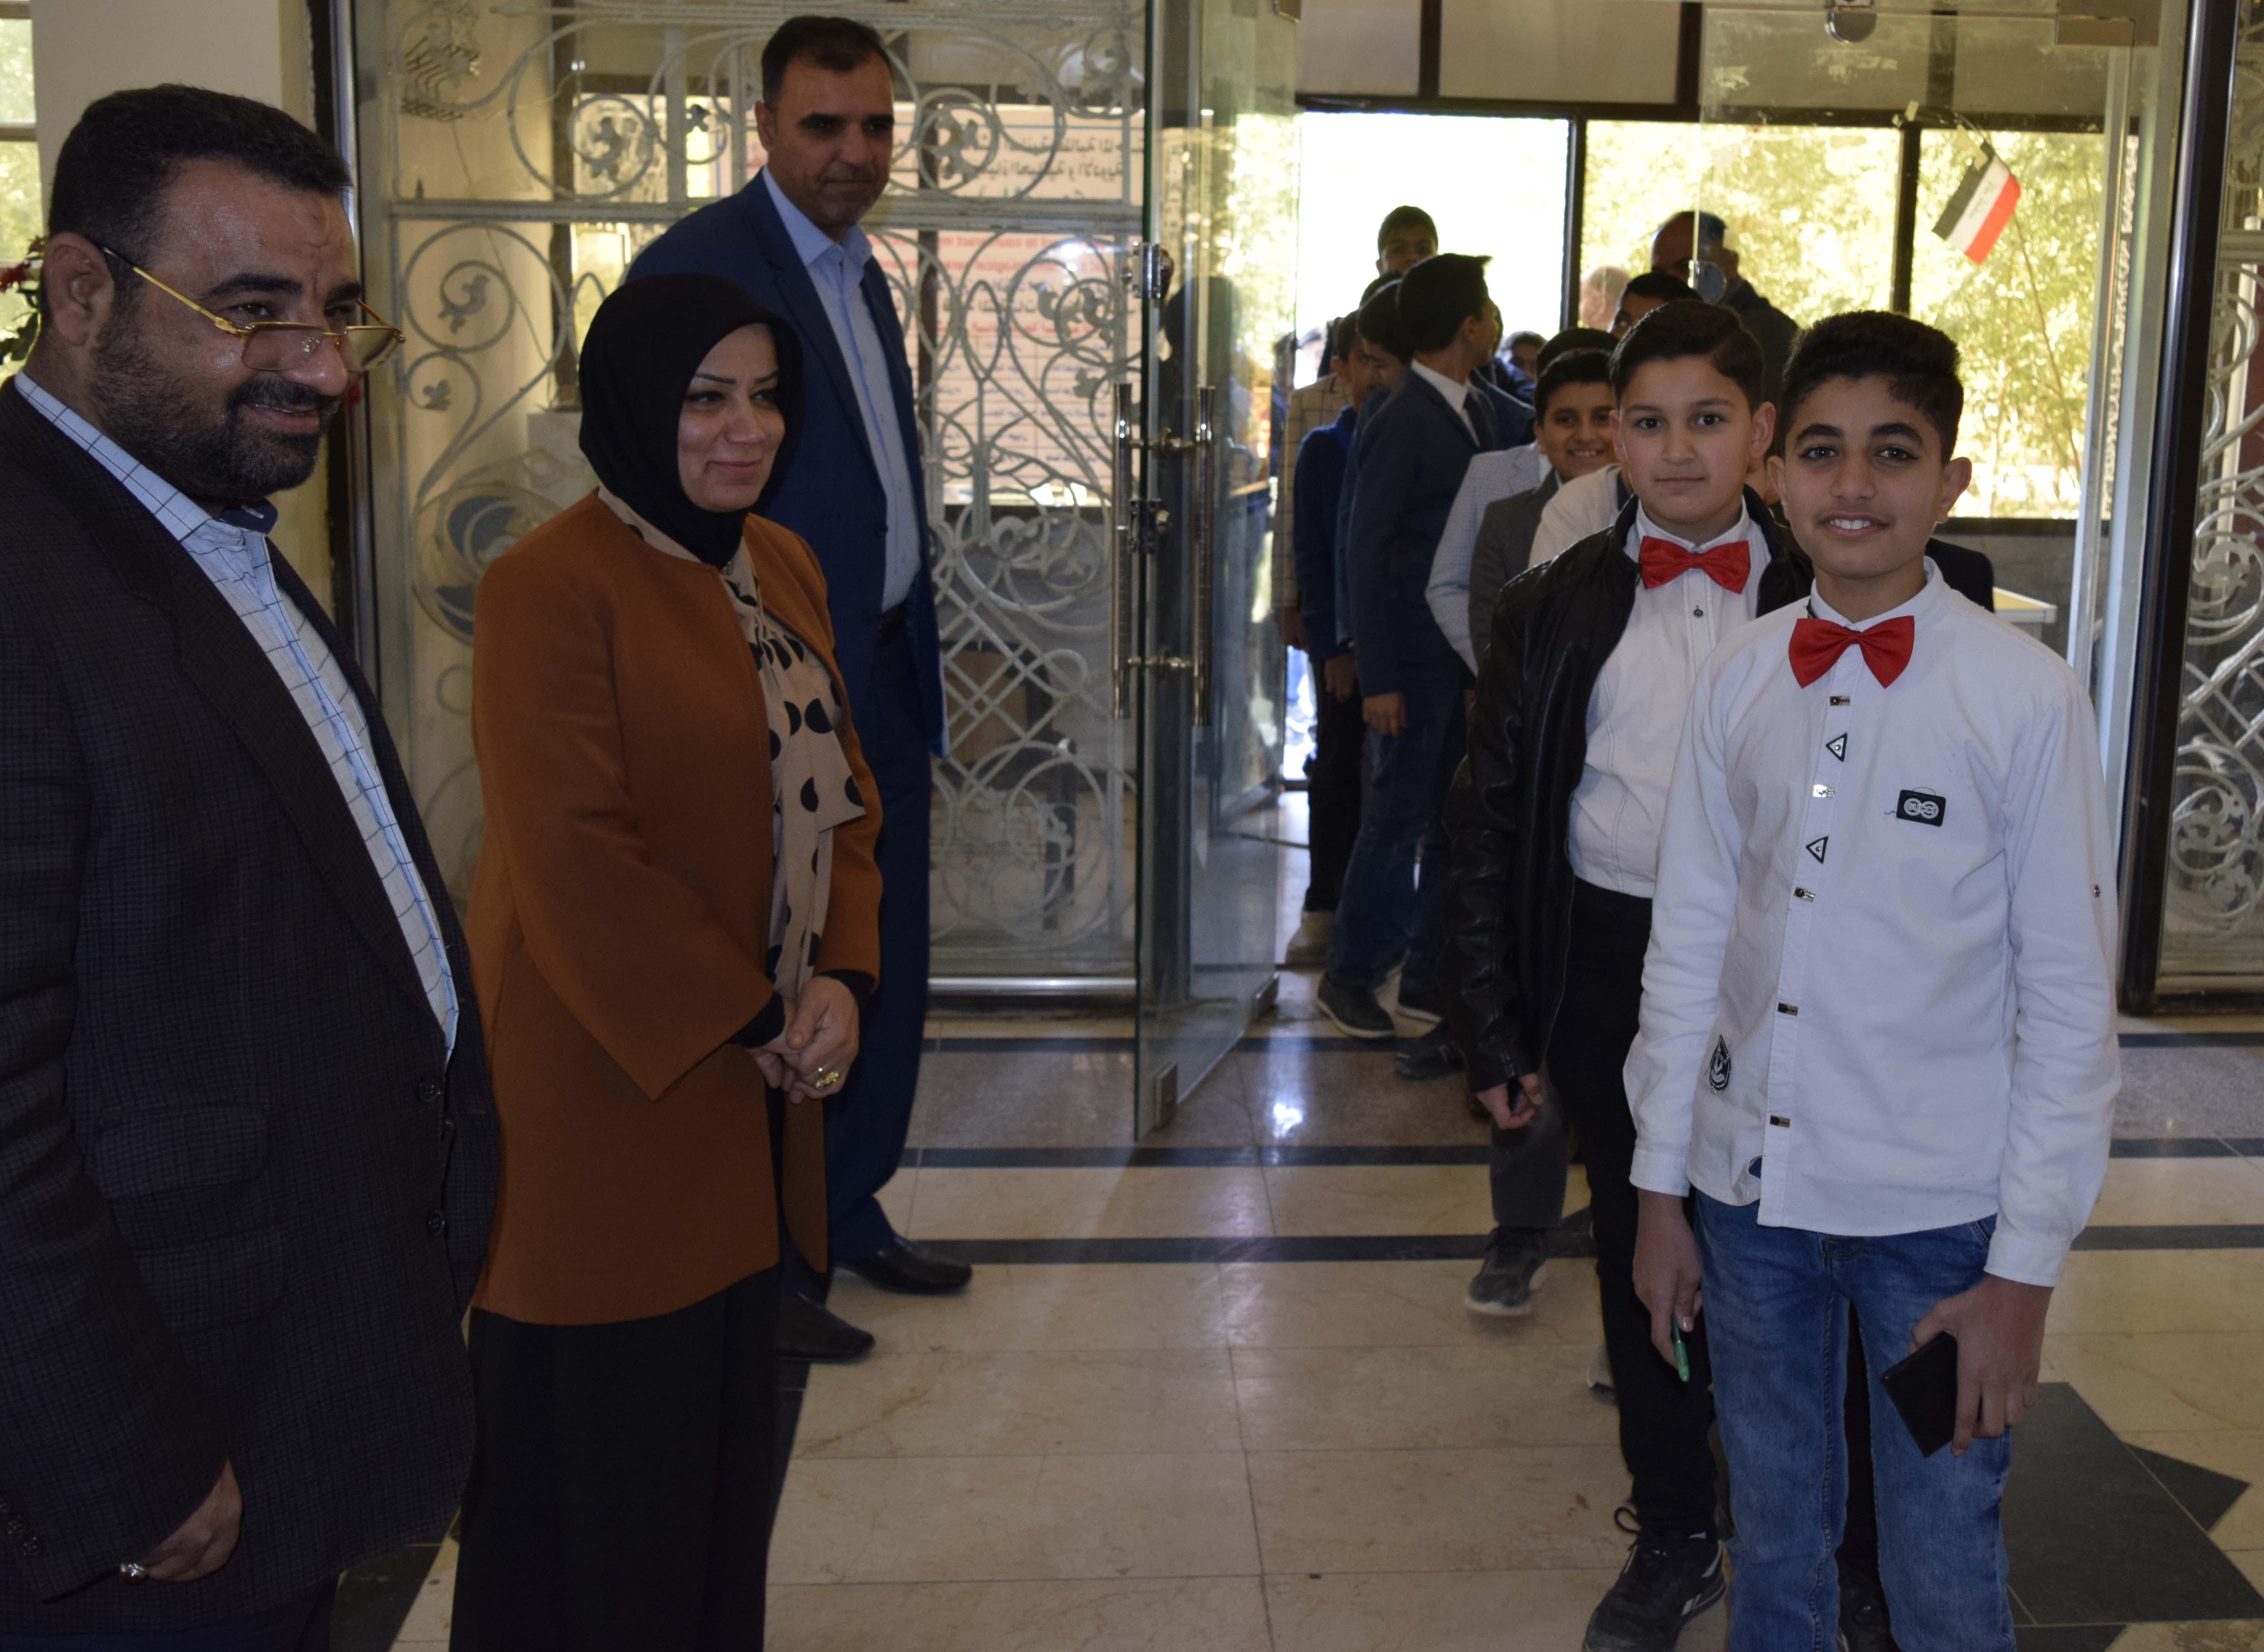 زيارة مدرسة التحدي للمتميزين لكلية الطب البيطري بجامعة كربلاء